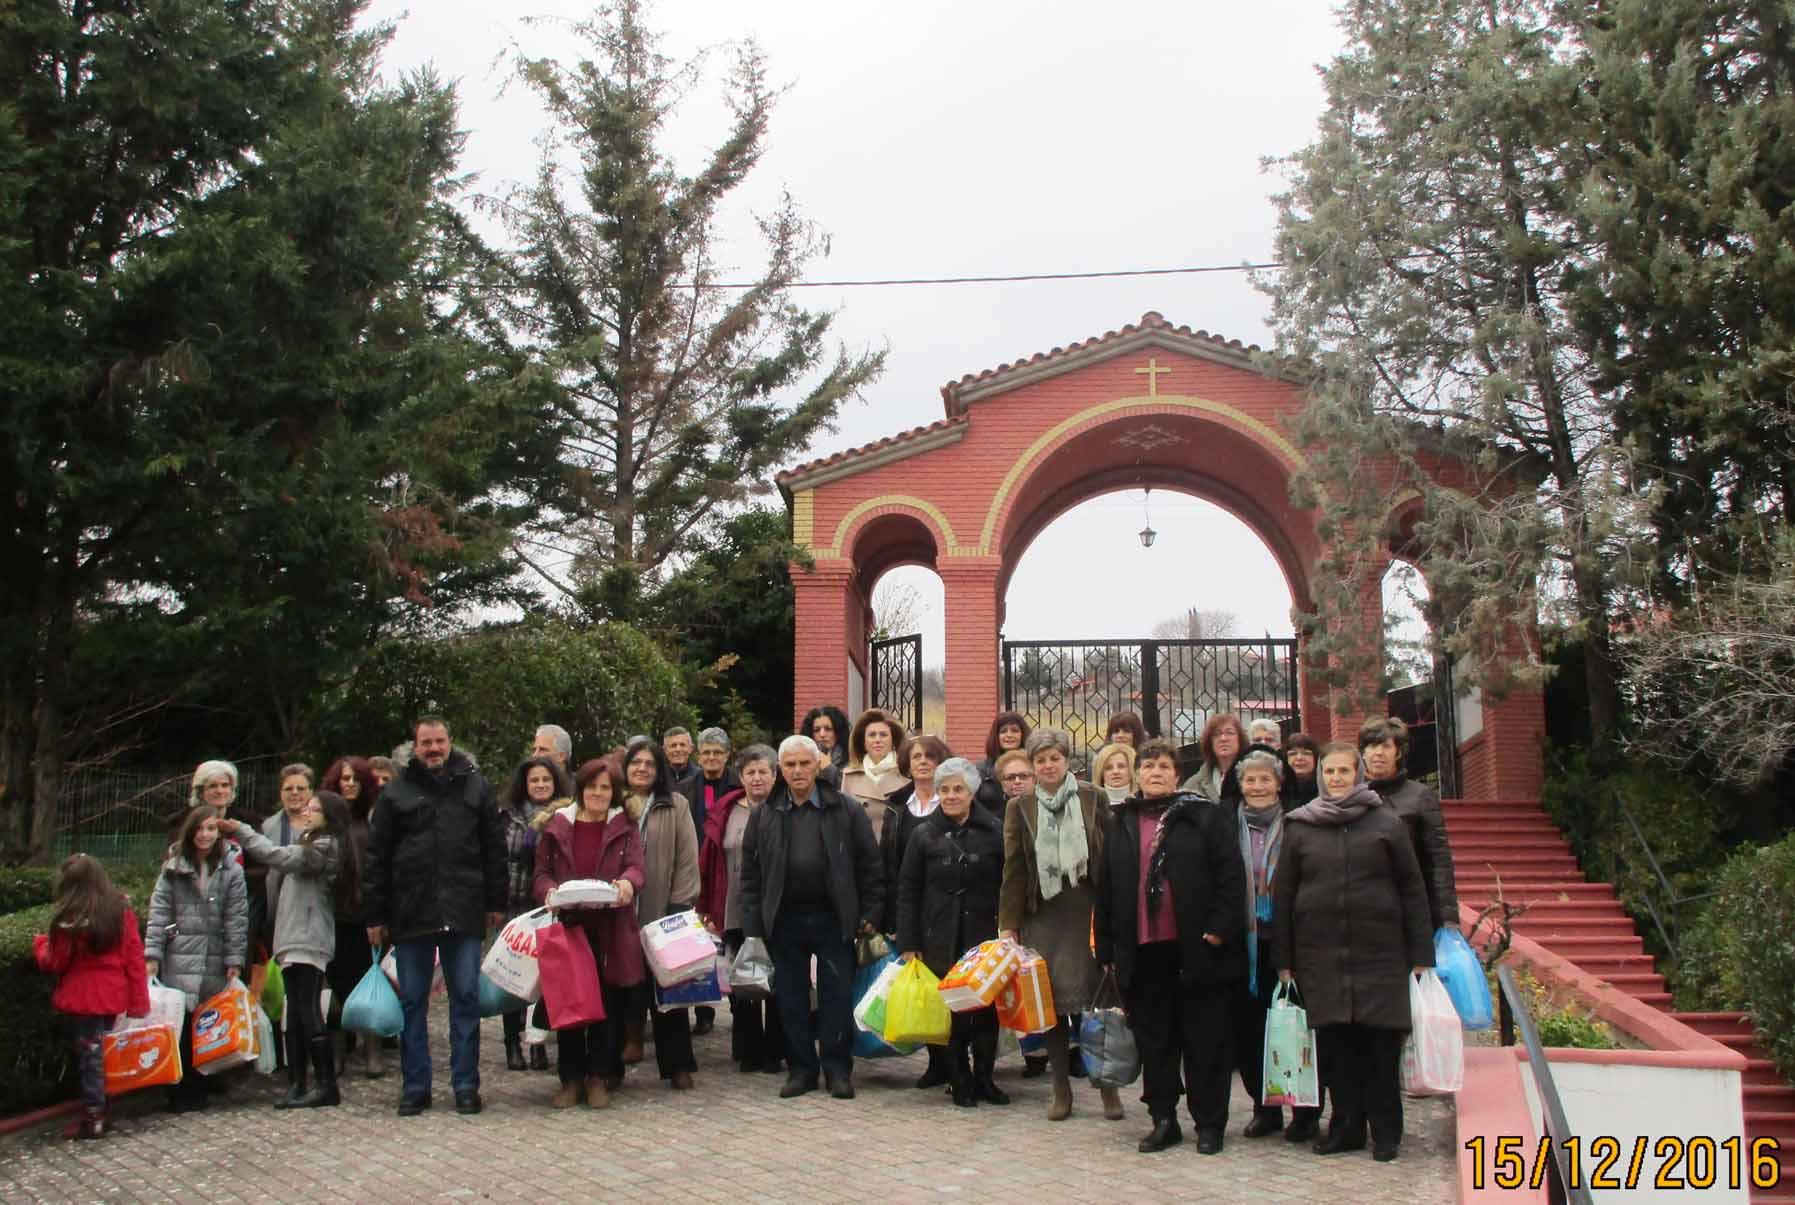 Επίσκεψη στο Γηροκομείο Κοζάνης πραγματοποίησε  ο Ιερός Ναός του Αγίου Διονυσίου Βελβεντού.  (του παπαδάσκαλου Κωνσταντίνου Ι. Κώστα)